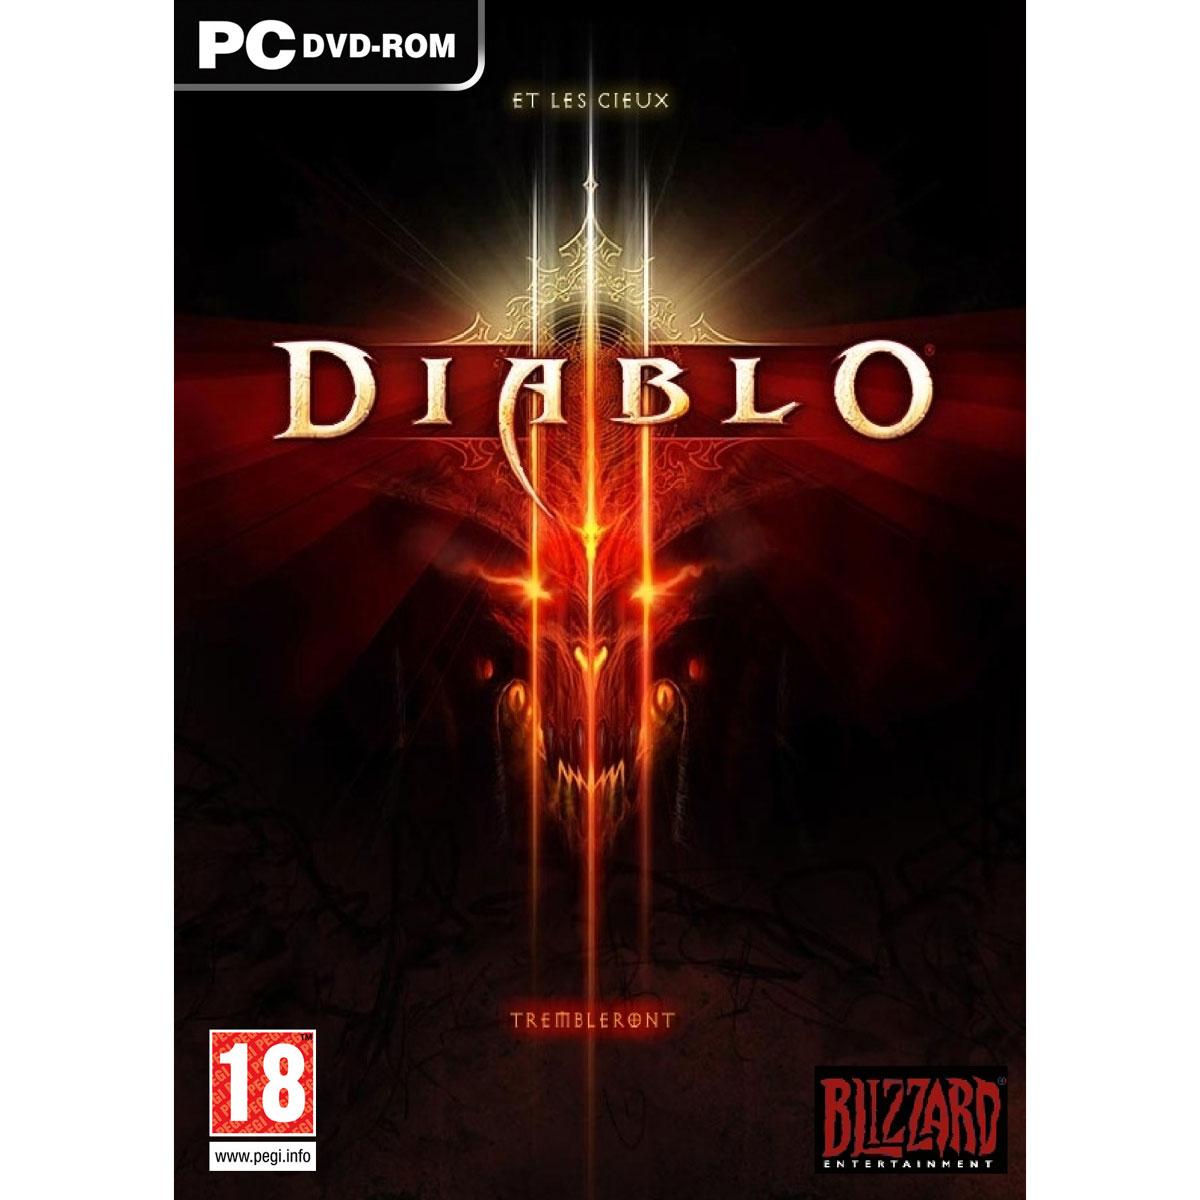 Jeux PC Diablo III (PC/MAC) Diablo III (PC/MAC)